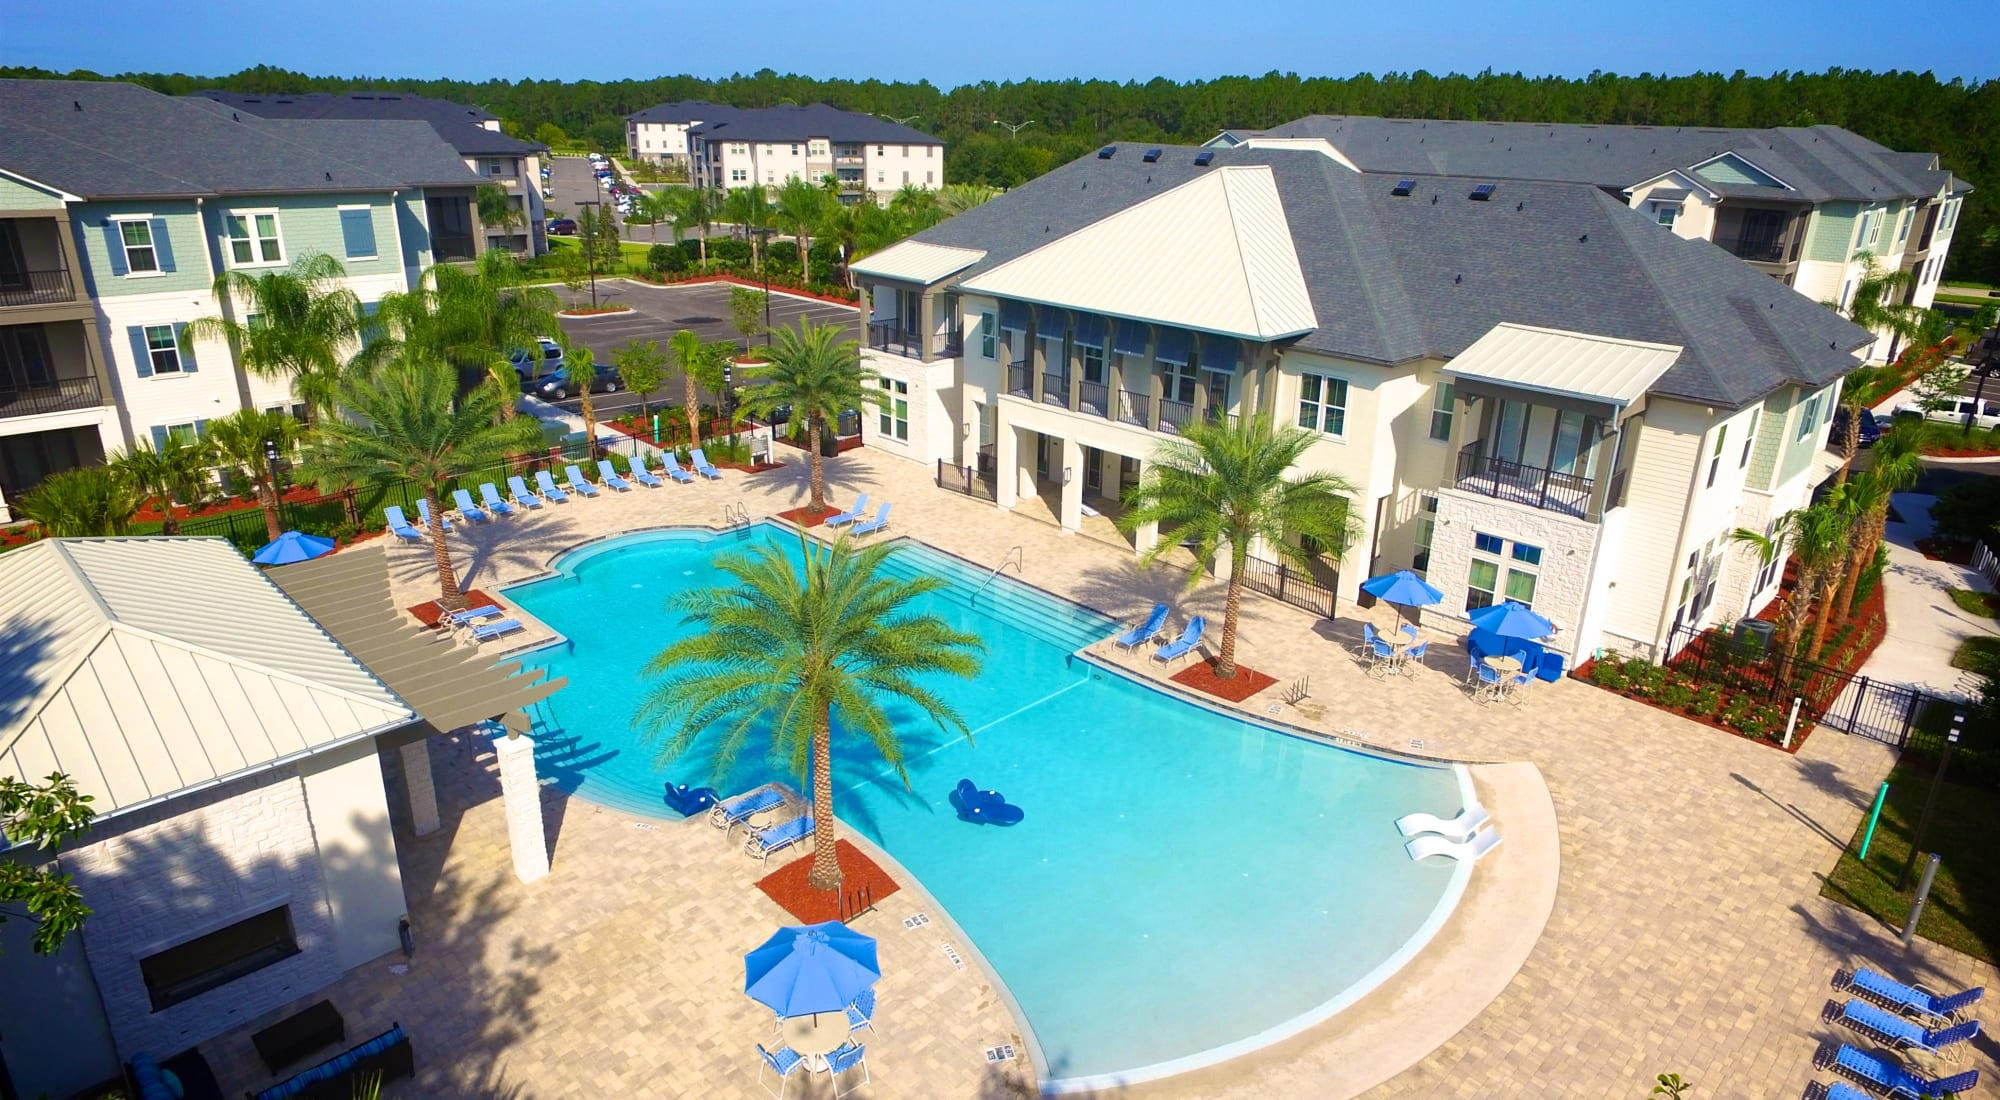 Apartments at Alaqua in Jacksonville, Florida